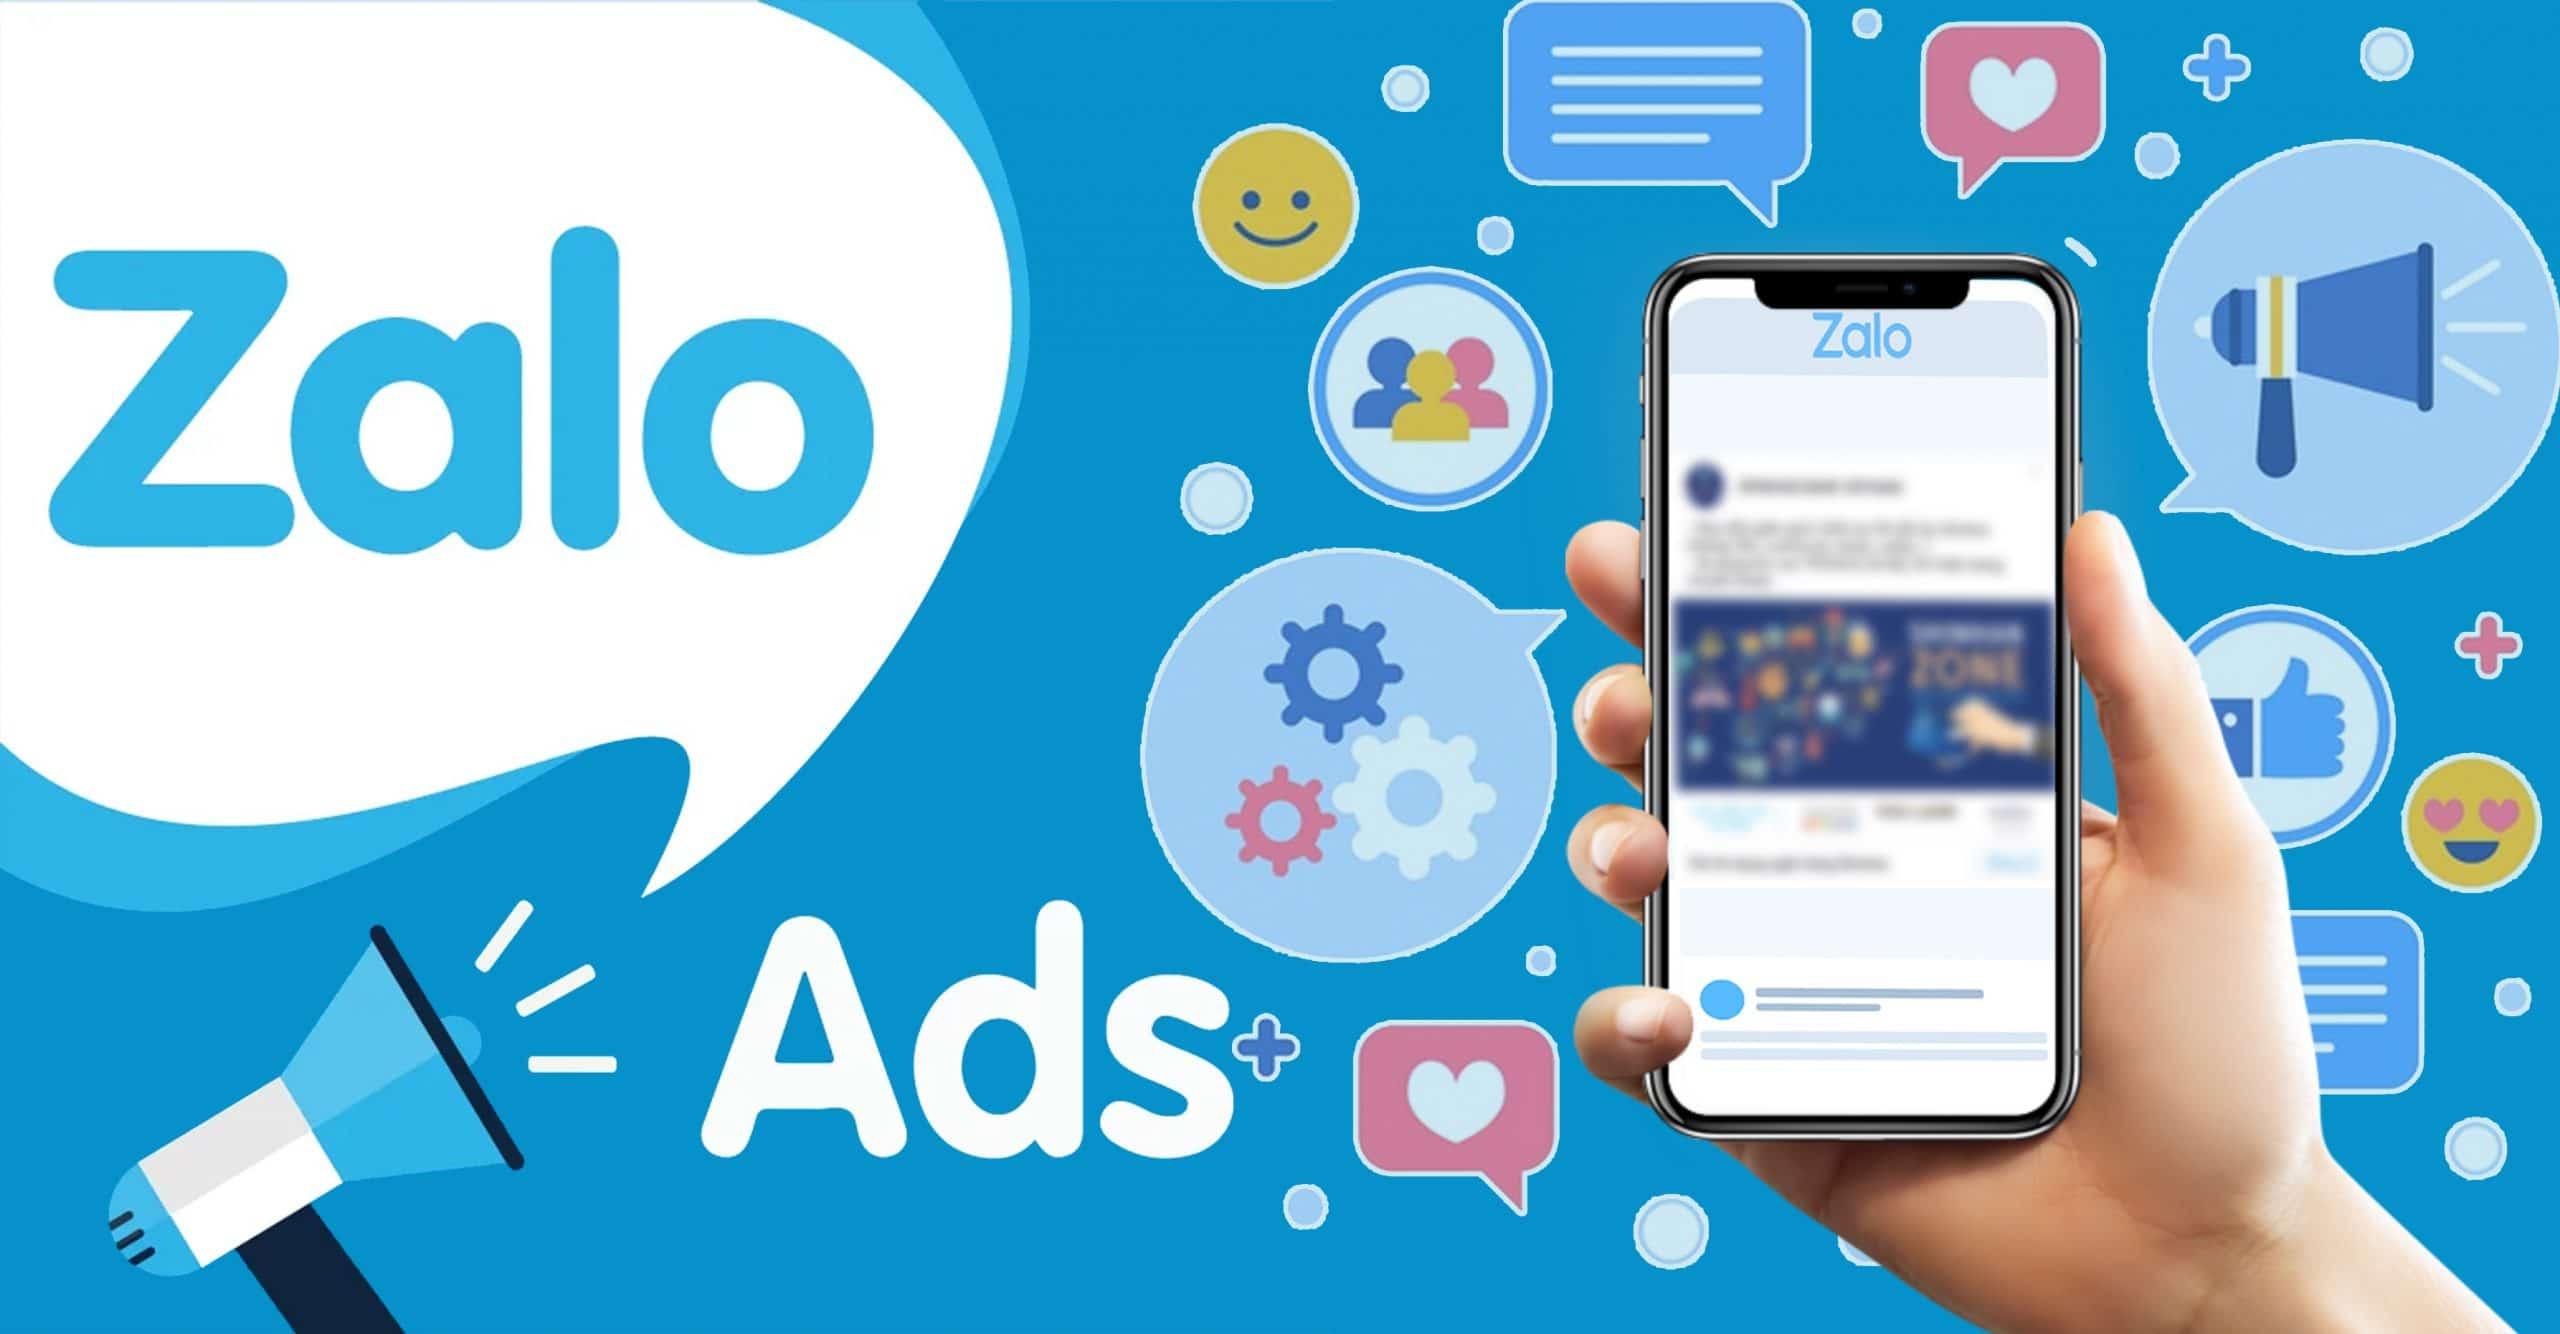 Hướng dẫn chạy quảng cáo Zalo Ads hiệu quả 2020